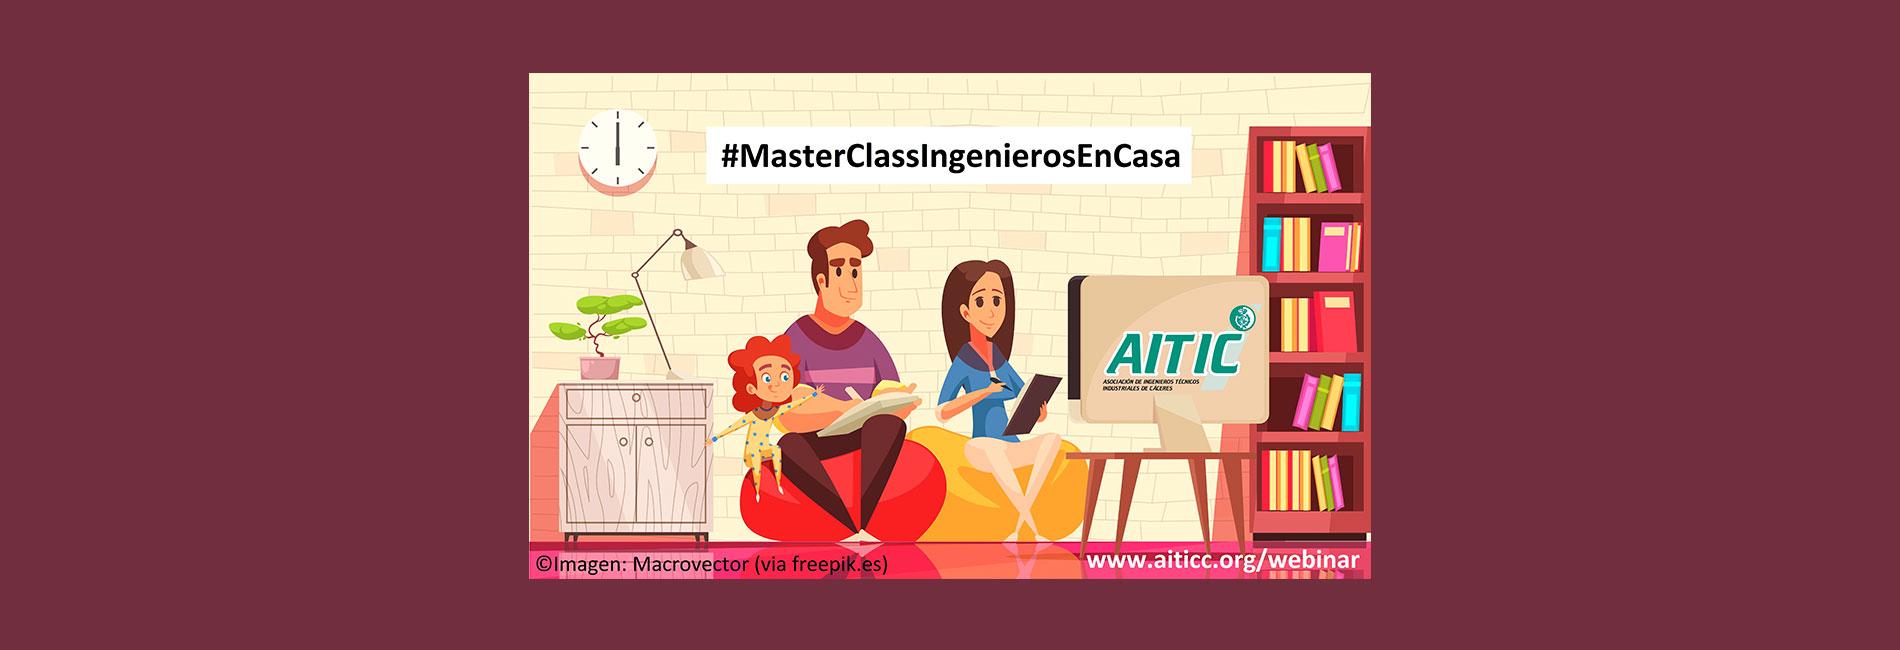 La Asociación de Ingenieros Técnicos Industriales de Cáceres promueve la iniciativa:   #MasterClassIngenierosEnCasa